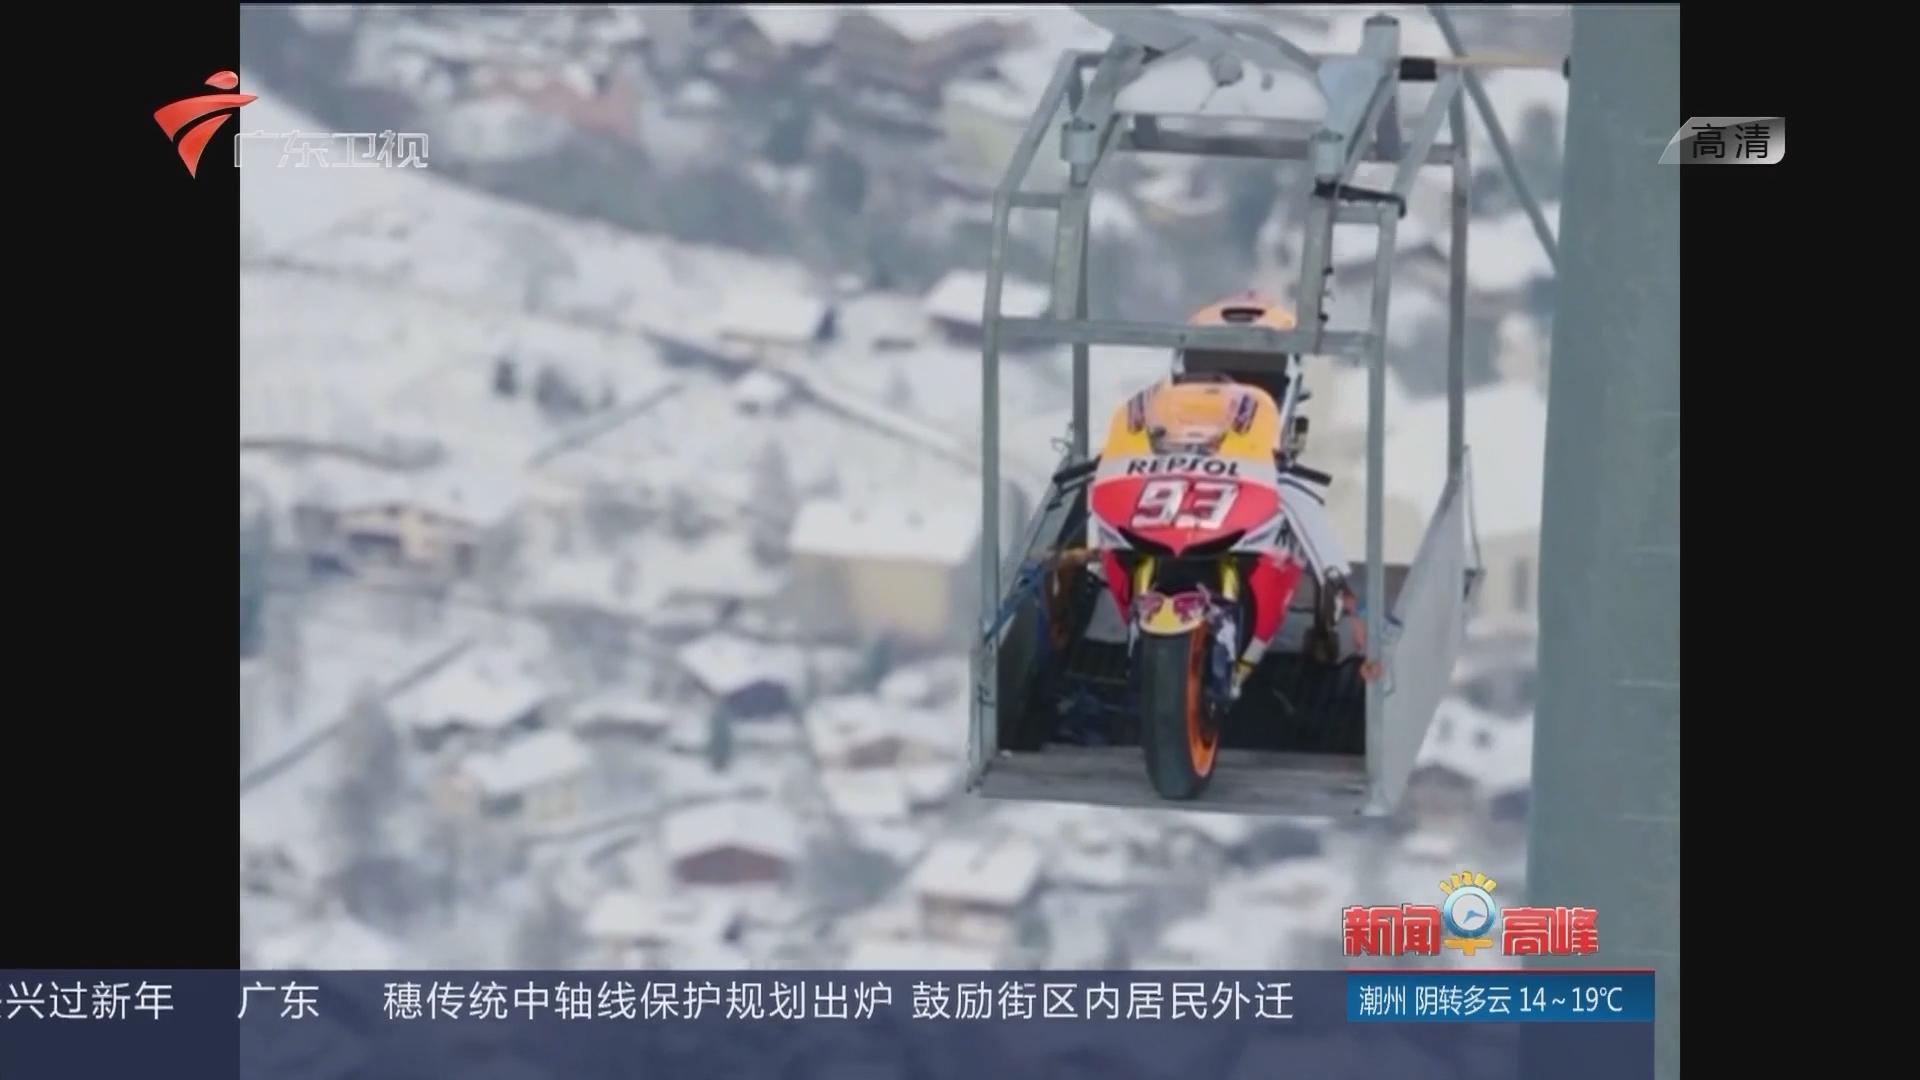 高山滑雪速降 摩托车原来可以这么玩